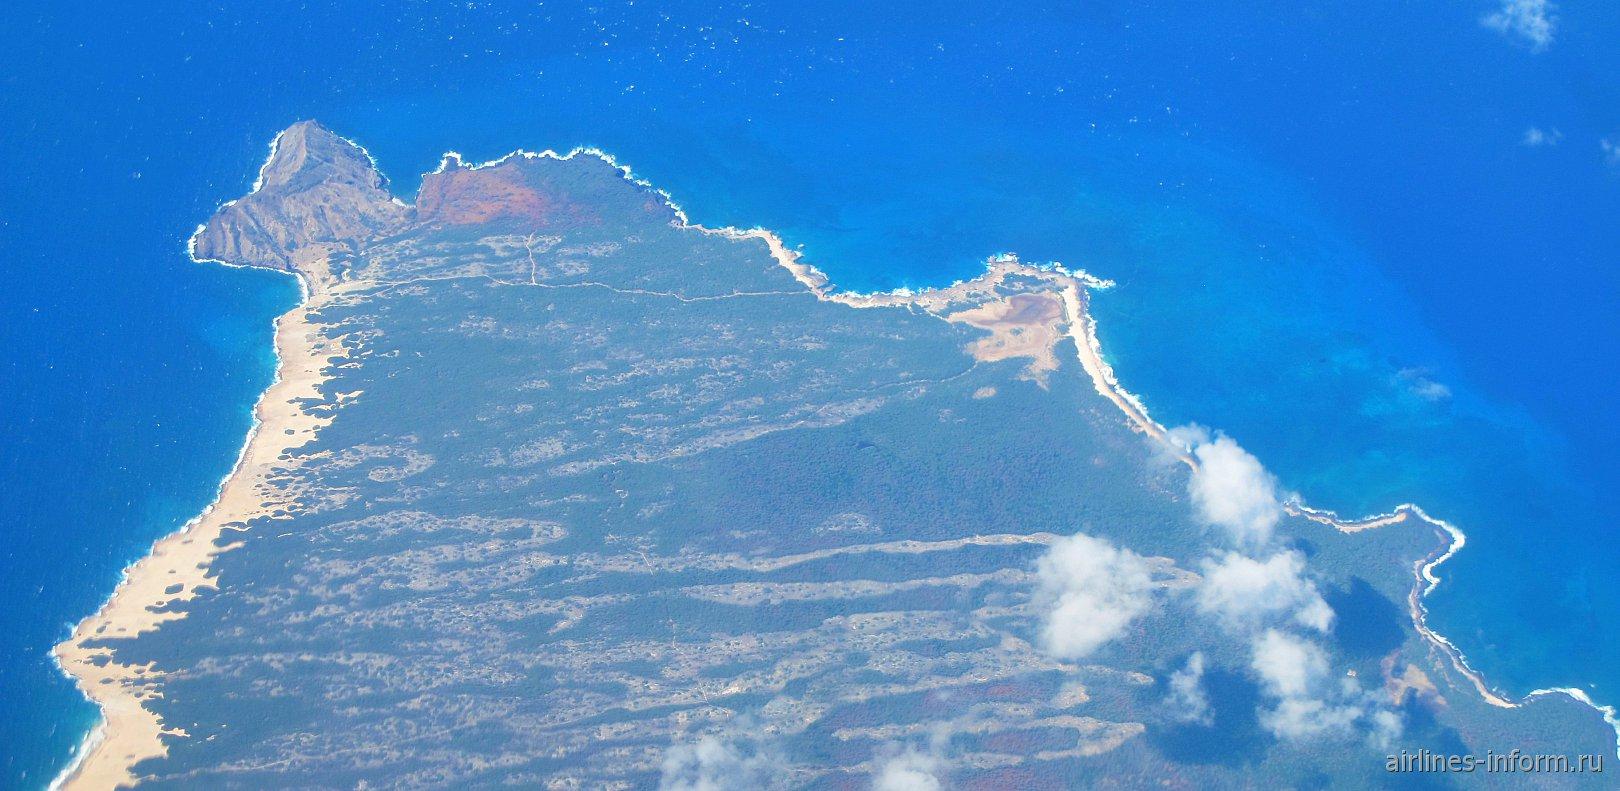 Гавайский остров Ниихау